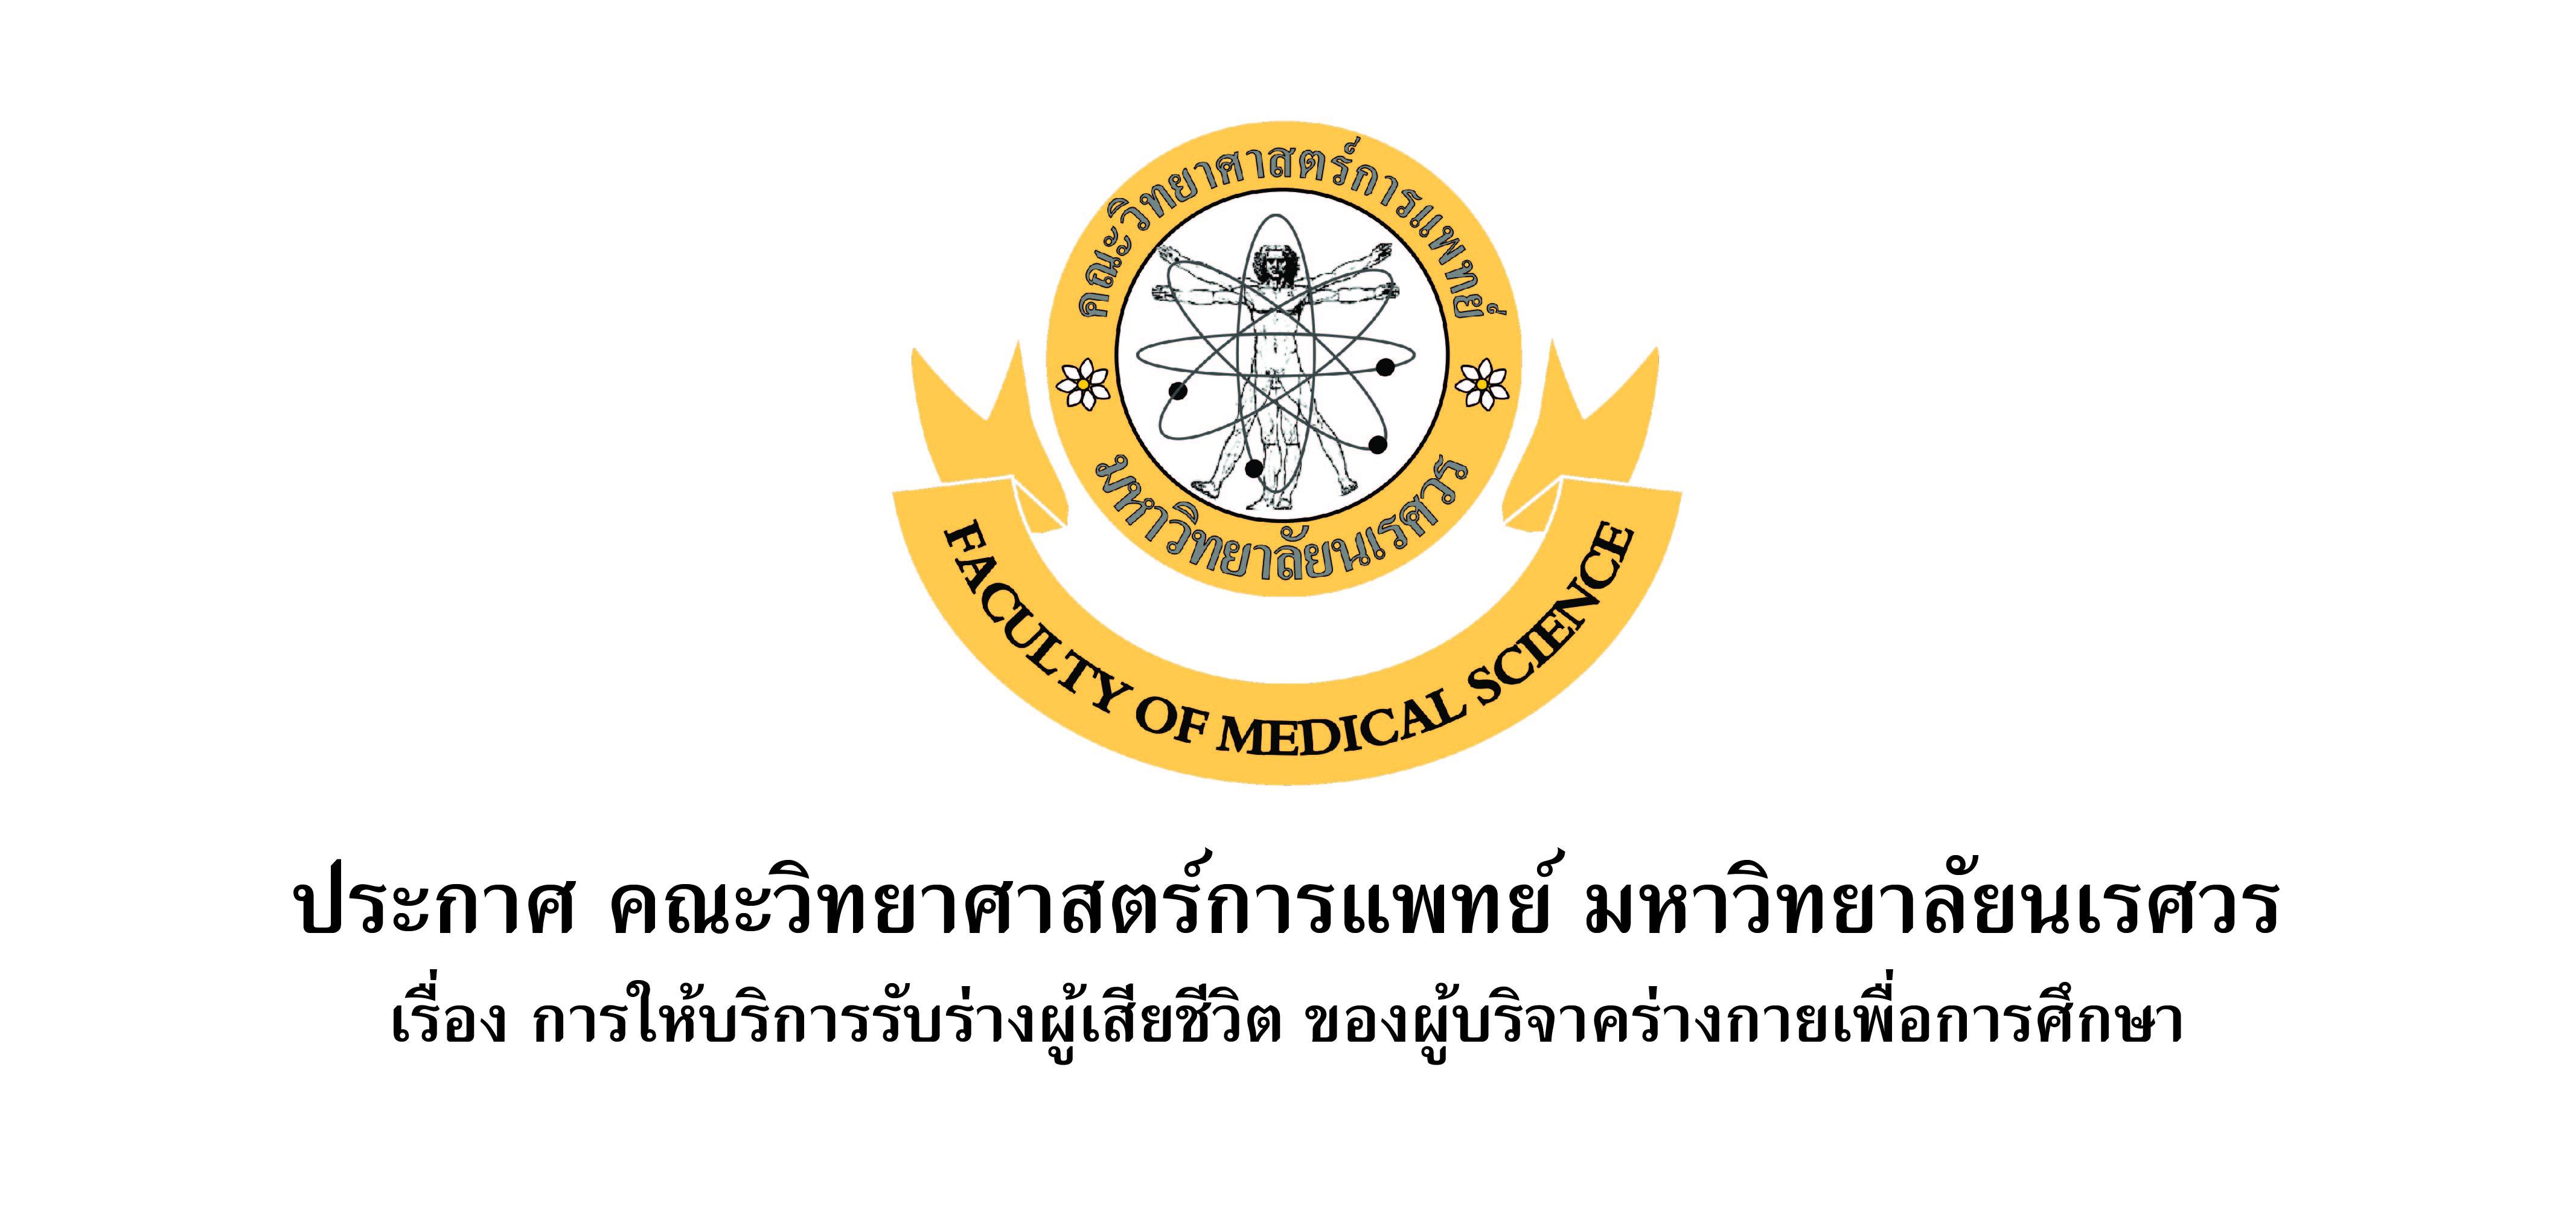 ประกาศคณะวิทยาศาสตร์การแพทย์ เรื่อง การให้บริการรับร่างผู้เสียชีวิต ของผู้บริจาคร่างกายเพื่อการศึกษา